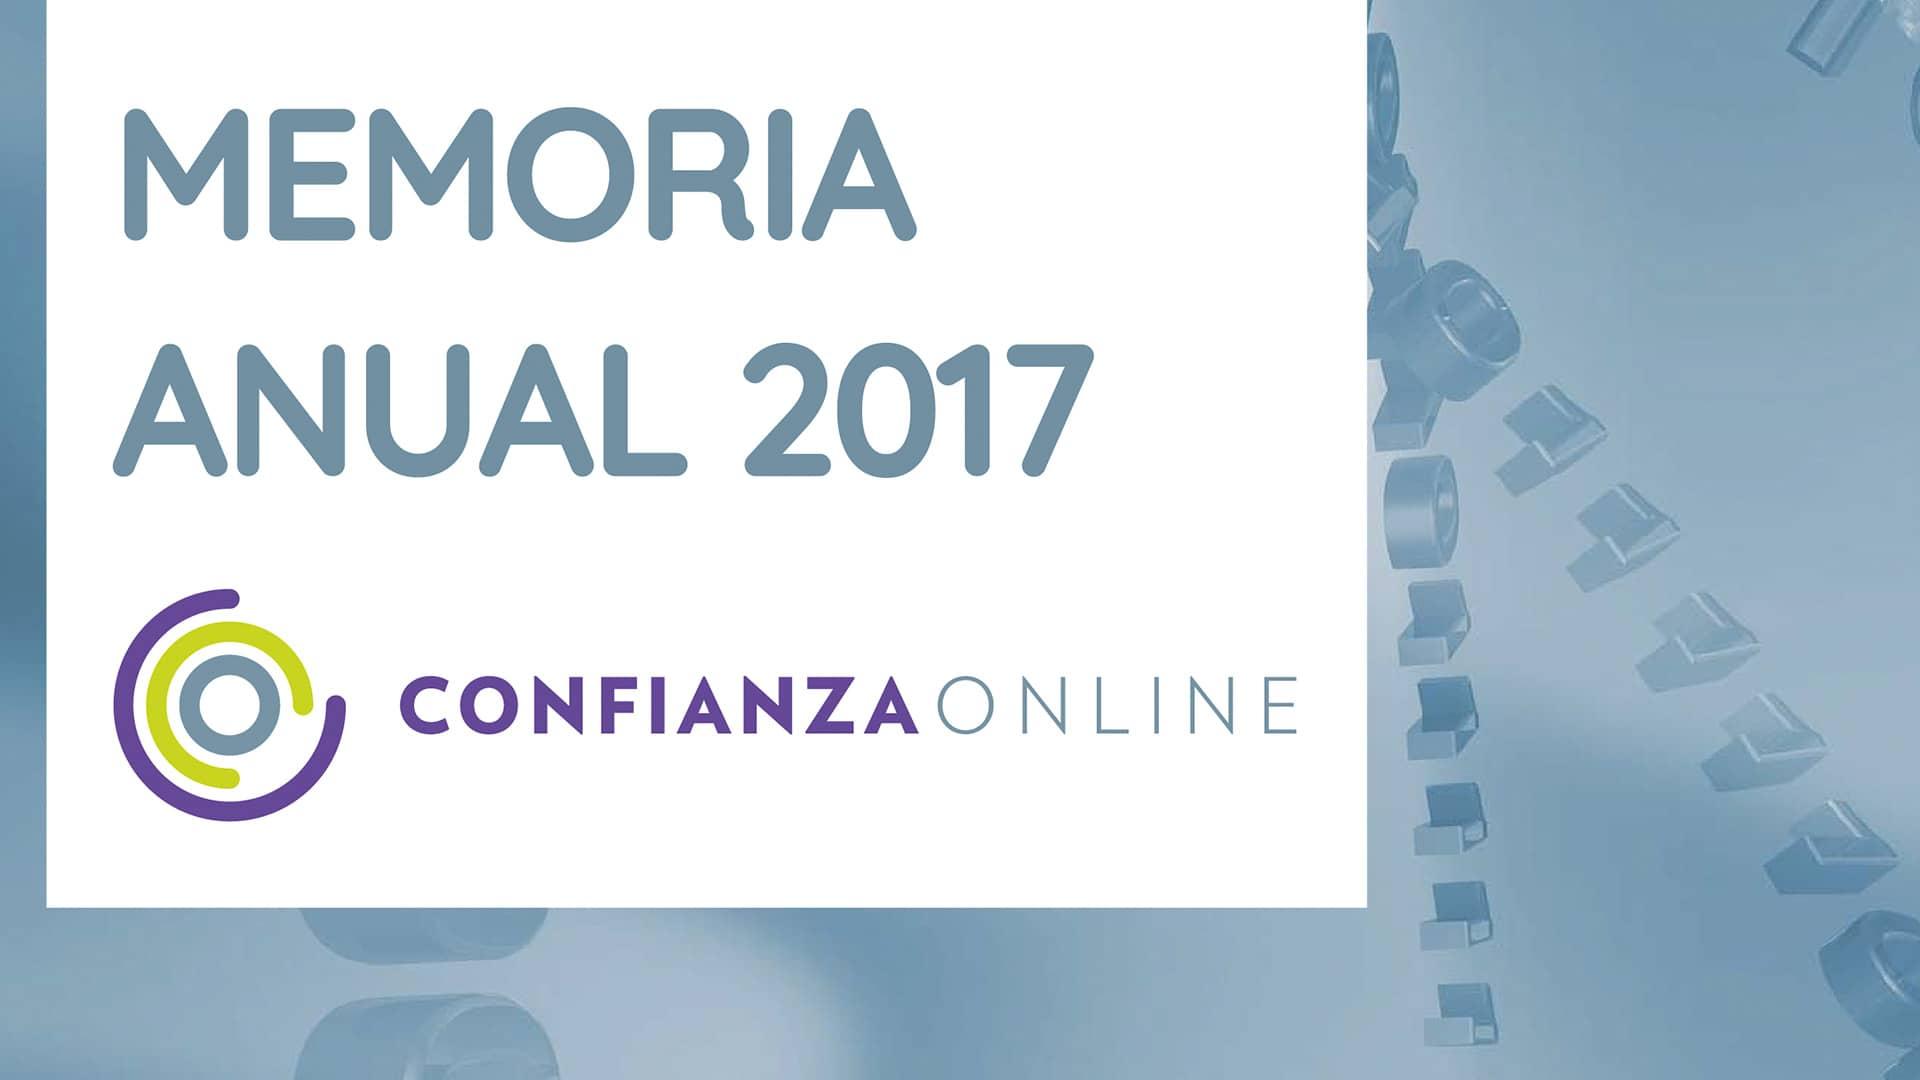 Memoria Confianza Online 2017